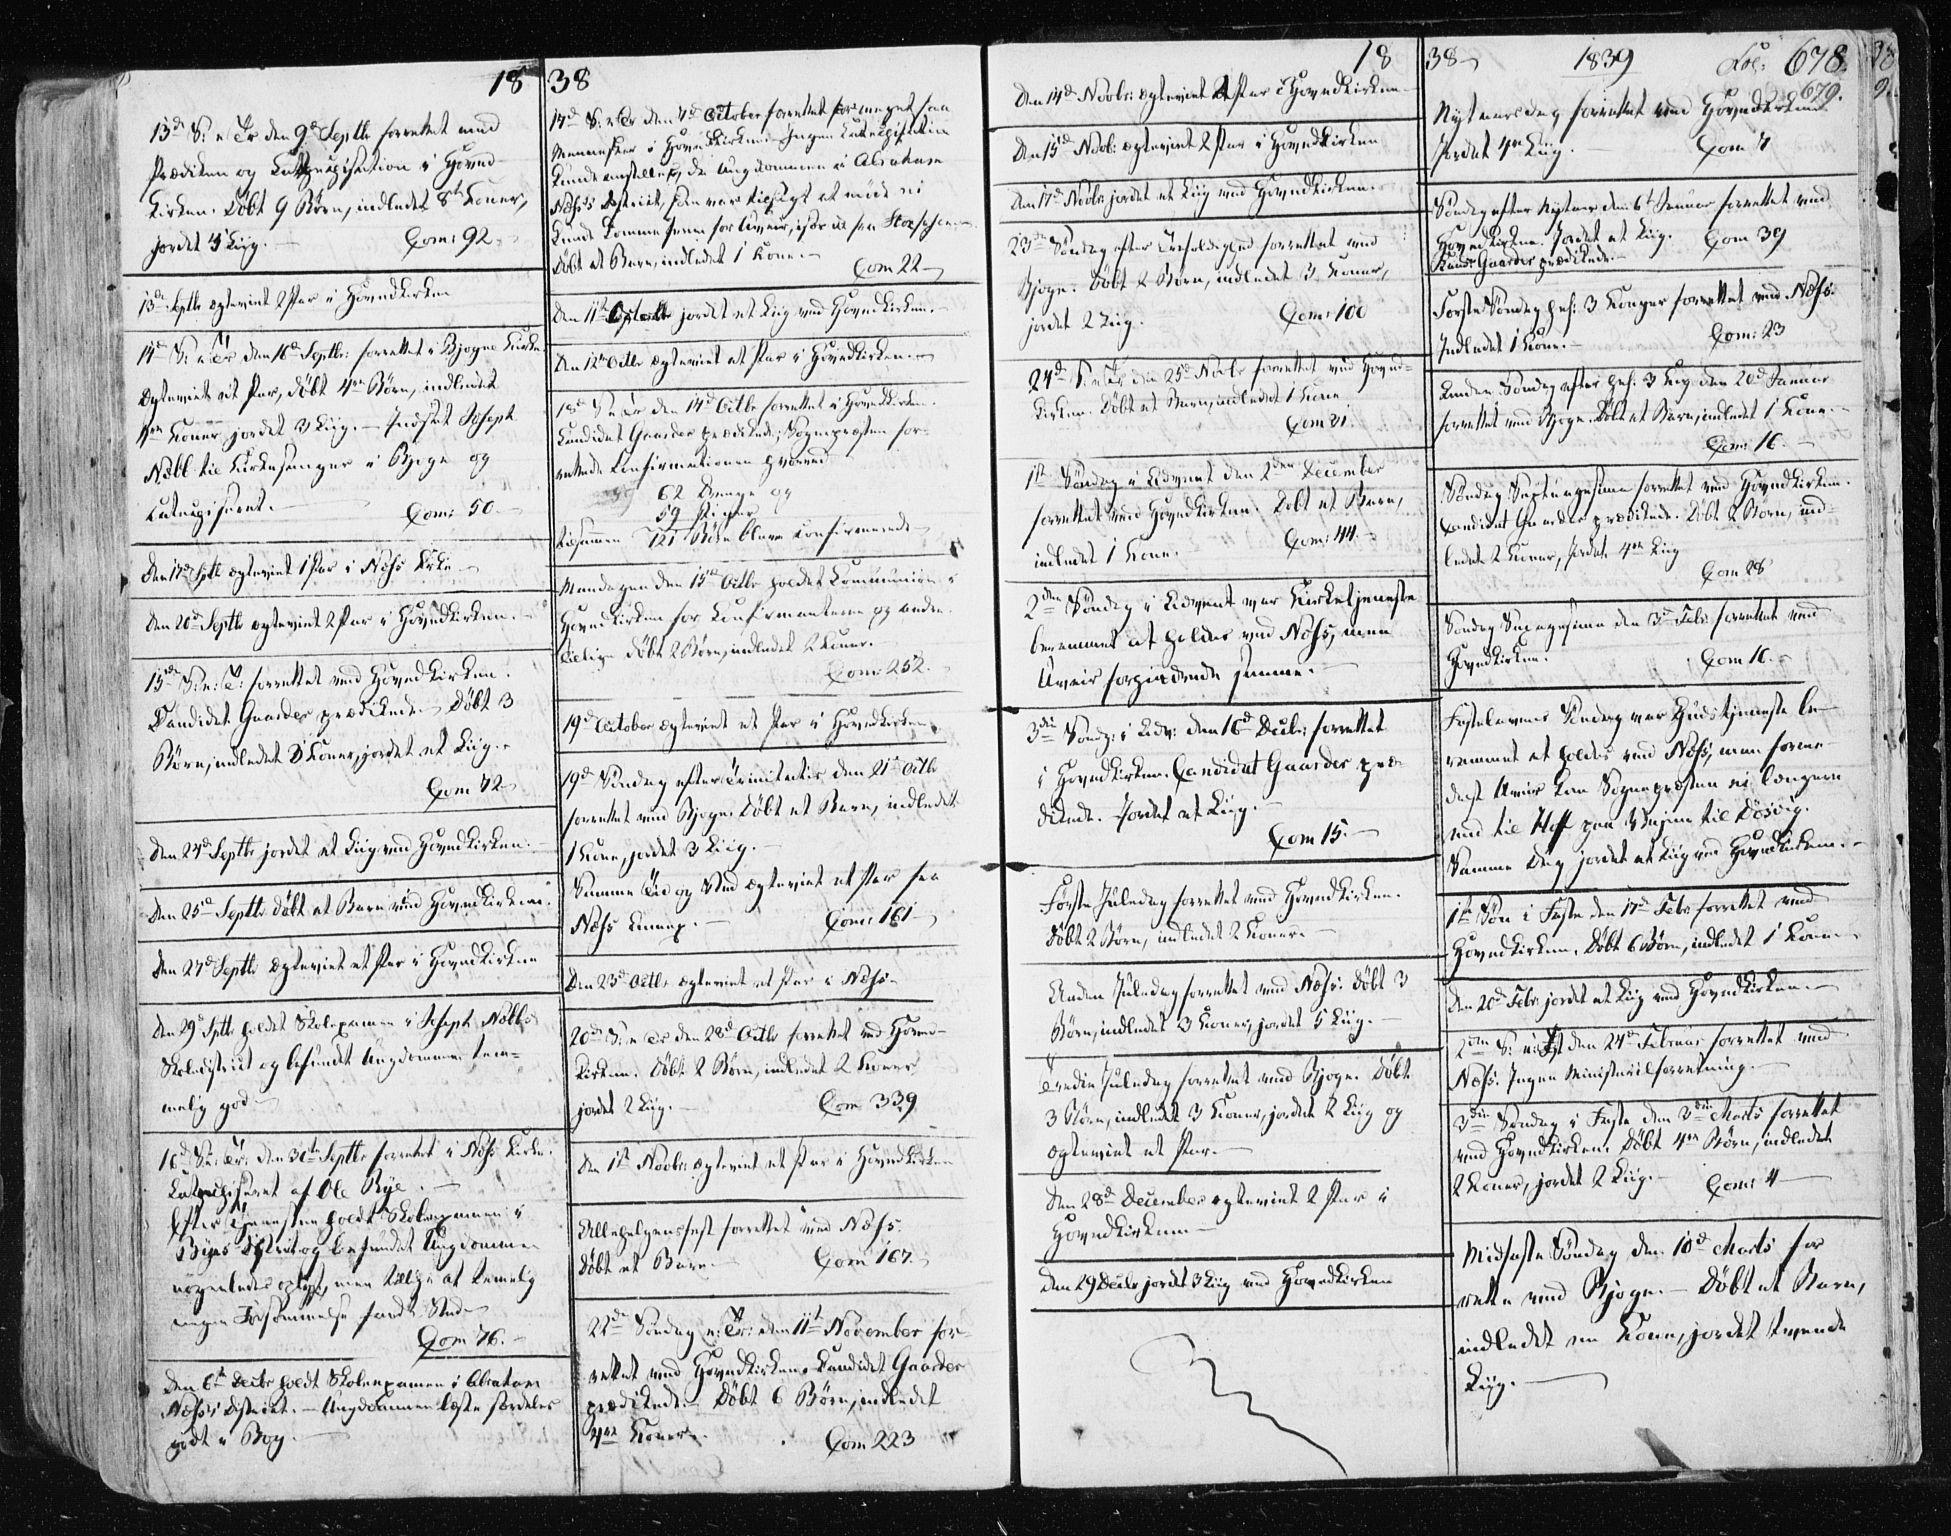 SAT, Ministerialprotokoller, klokkerbøker og fødselsregistre - Sør-Trøndelag, 659/L0735: Ministerialbok nr. 659A05, 1826-1841, s. 678